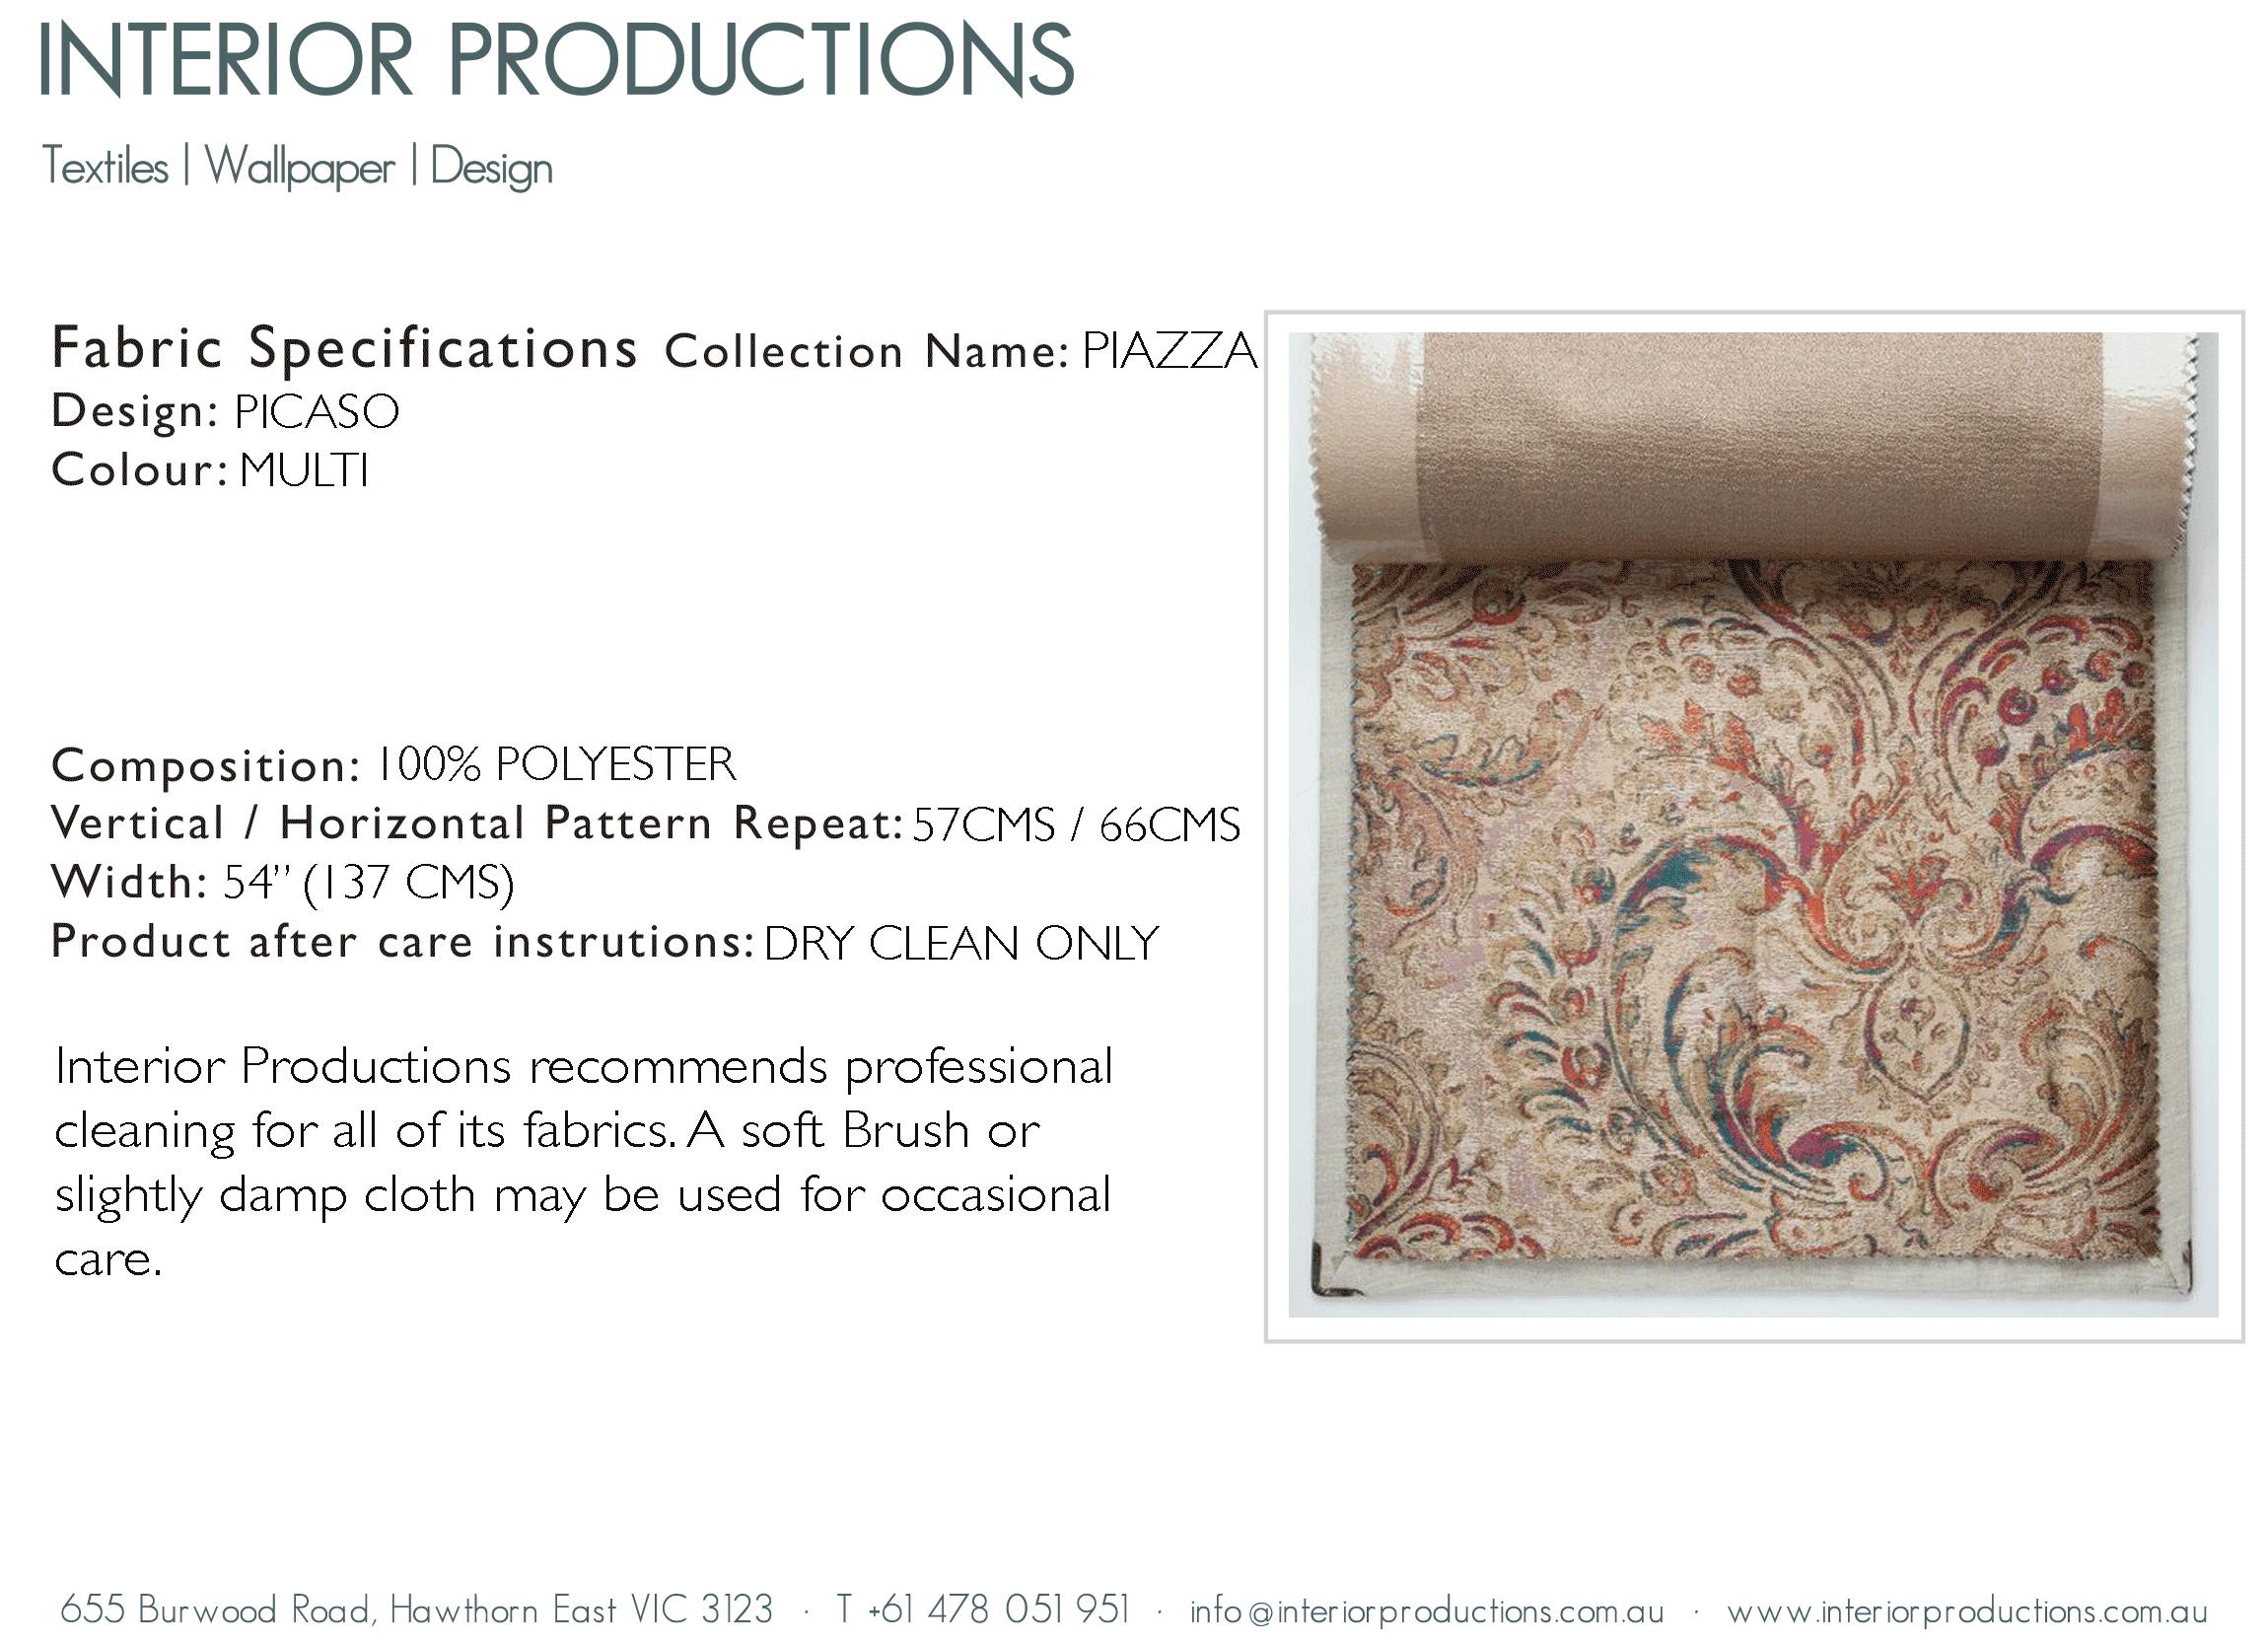 interior_productions_PICASO---MULTI